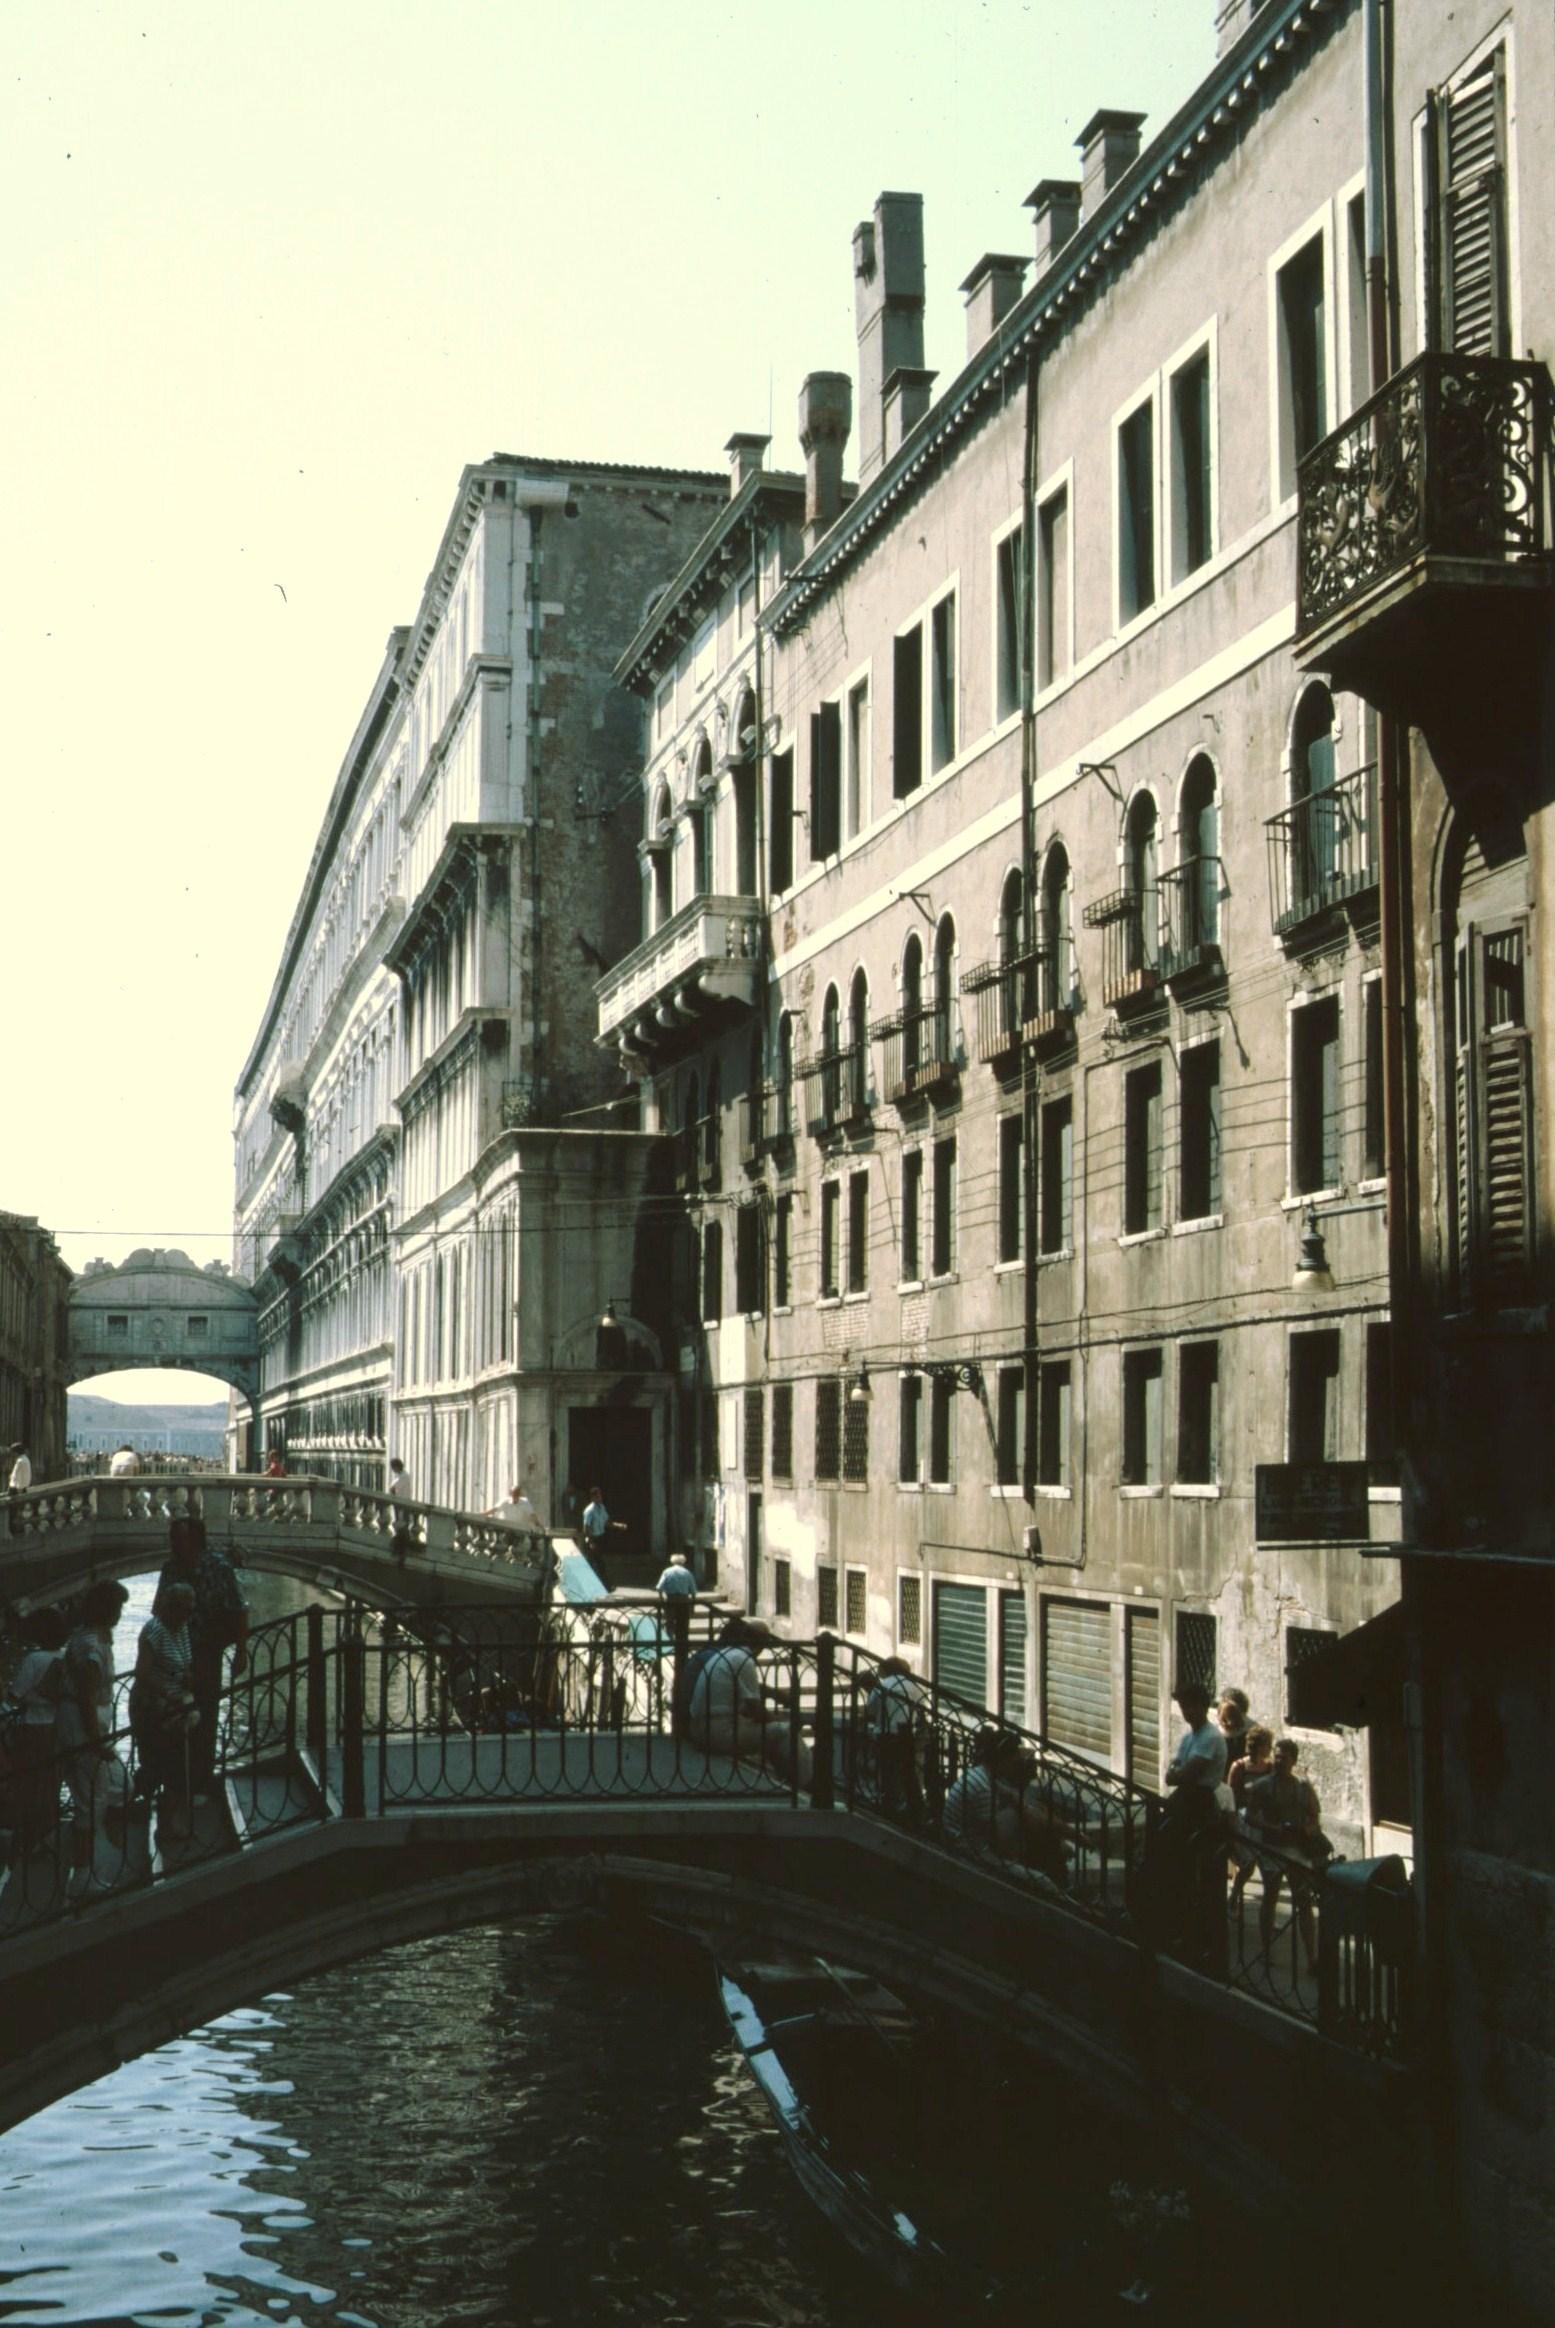 Canonica Calle Canonica Venezia - San Marco | Musicalics